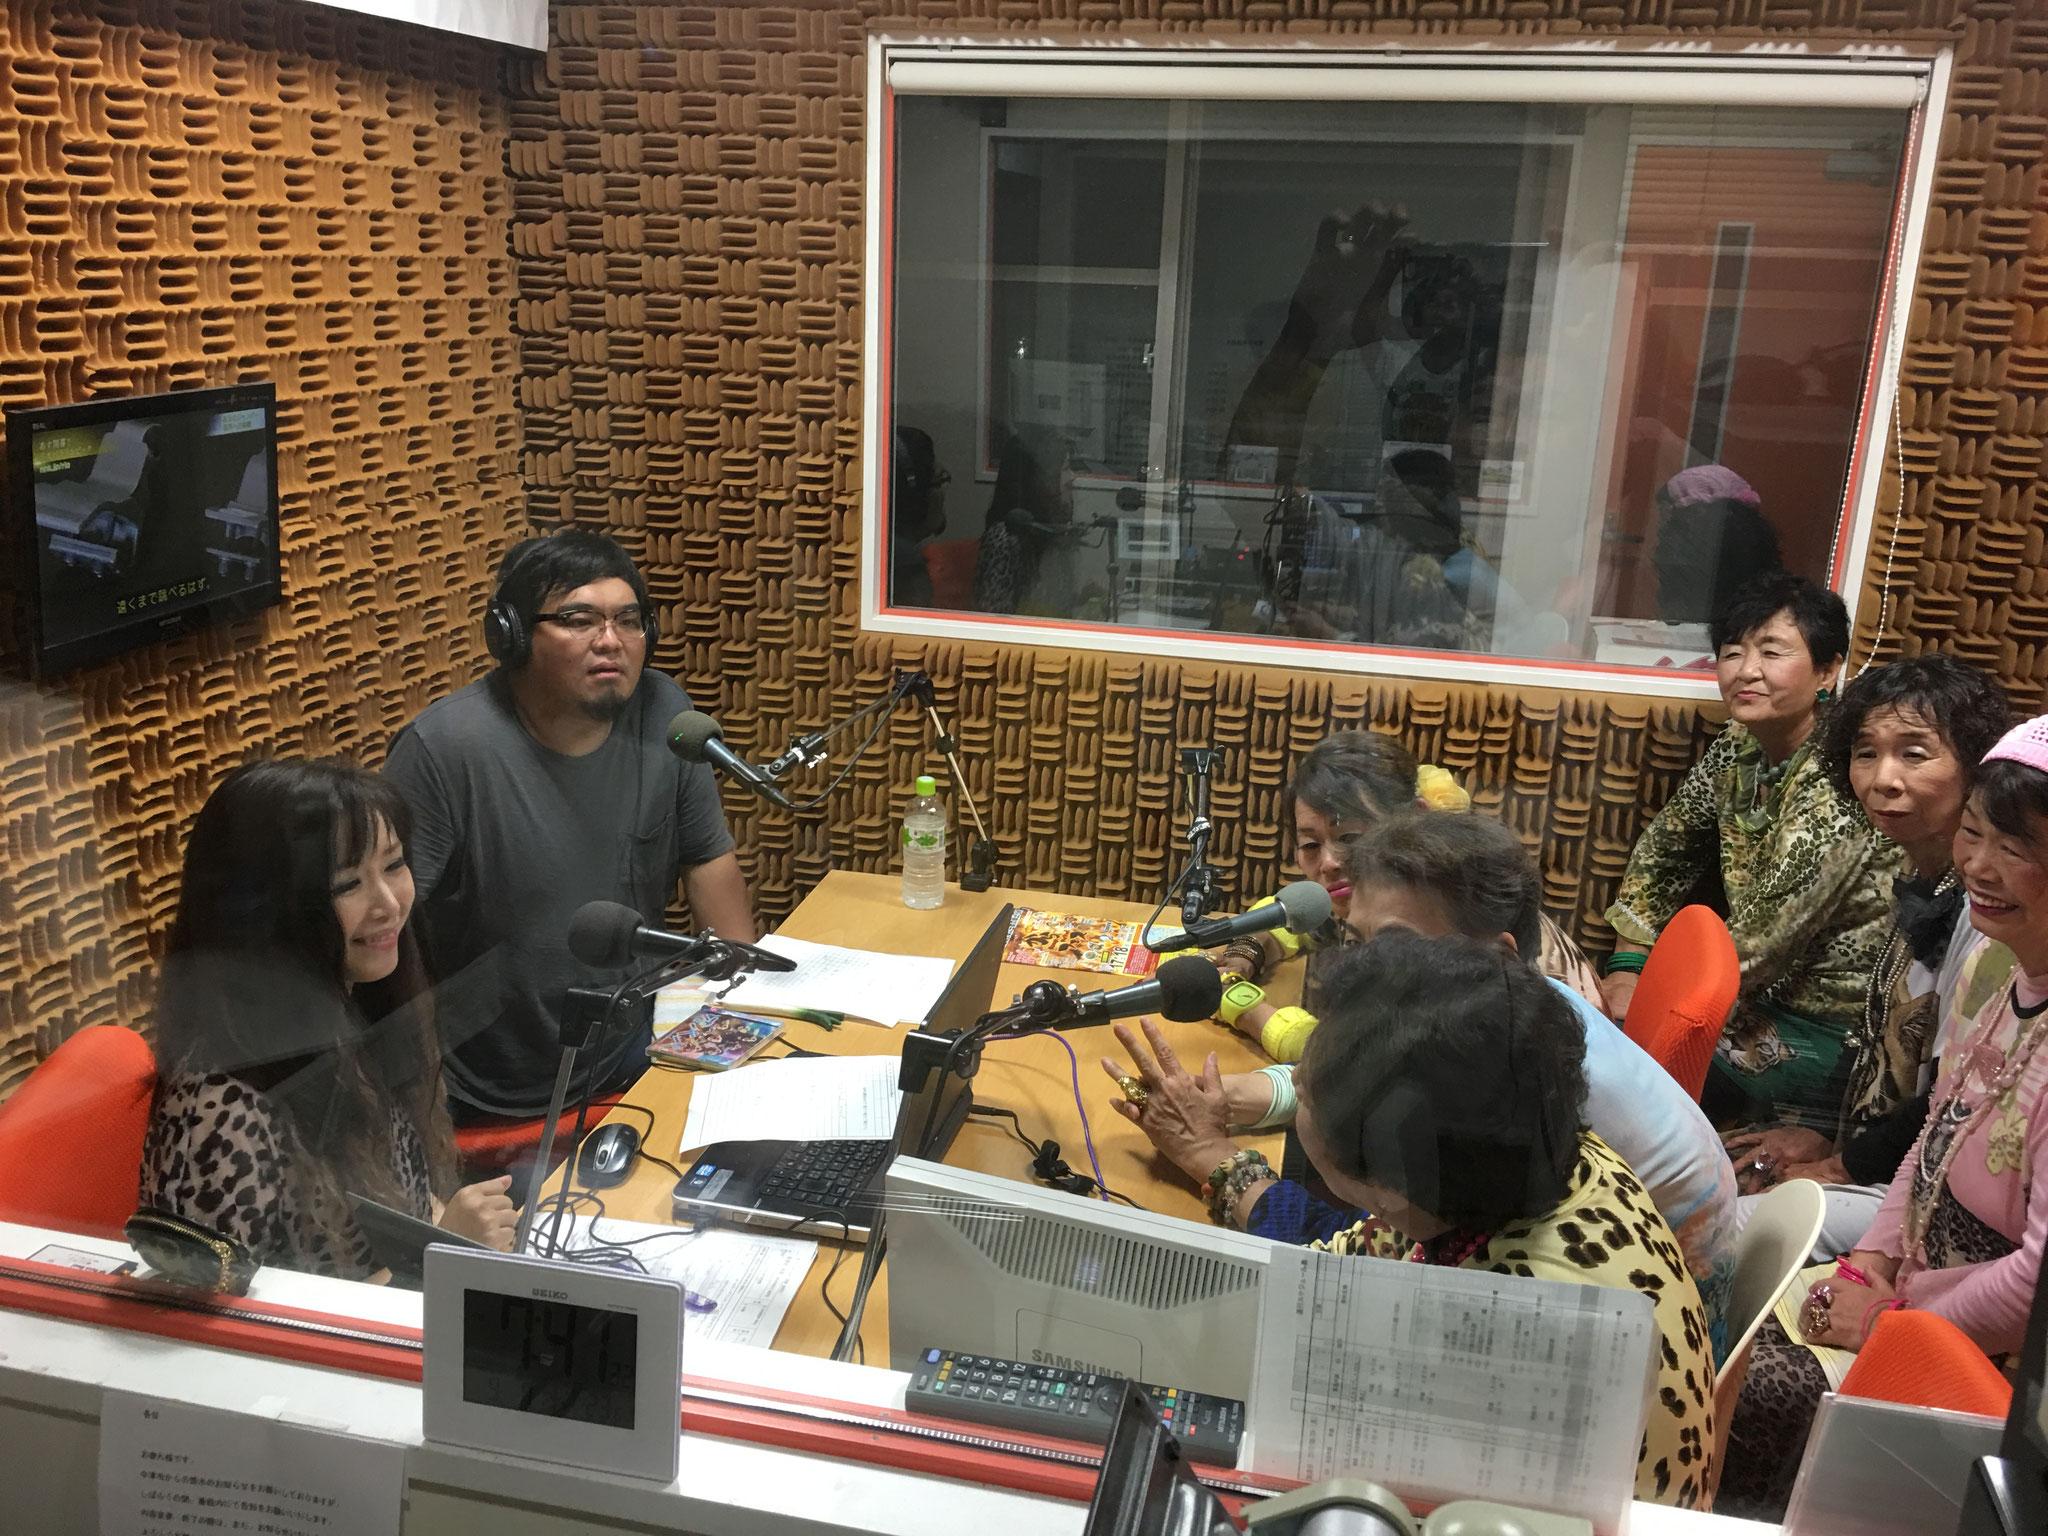 本田理沙さんのラジオに出演させてもらいました!